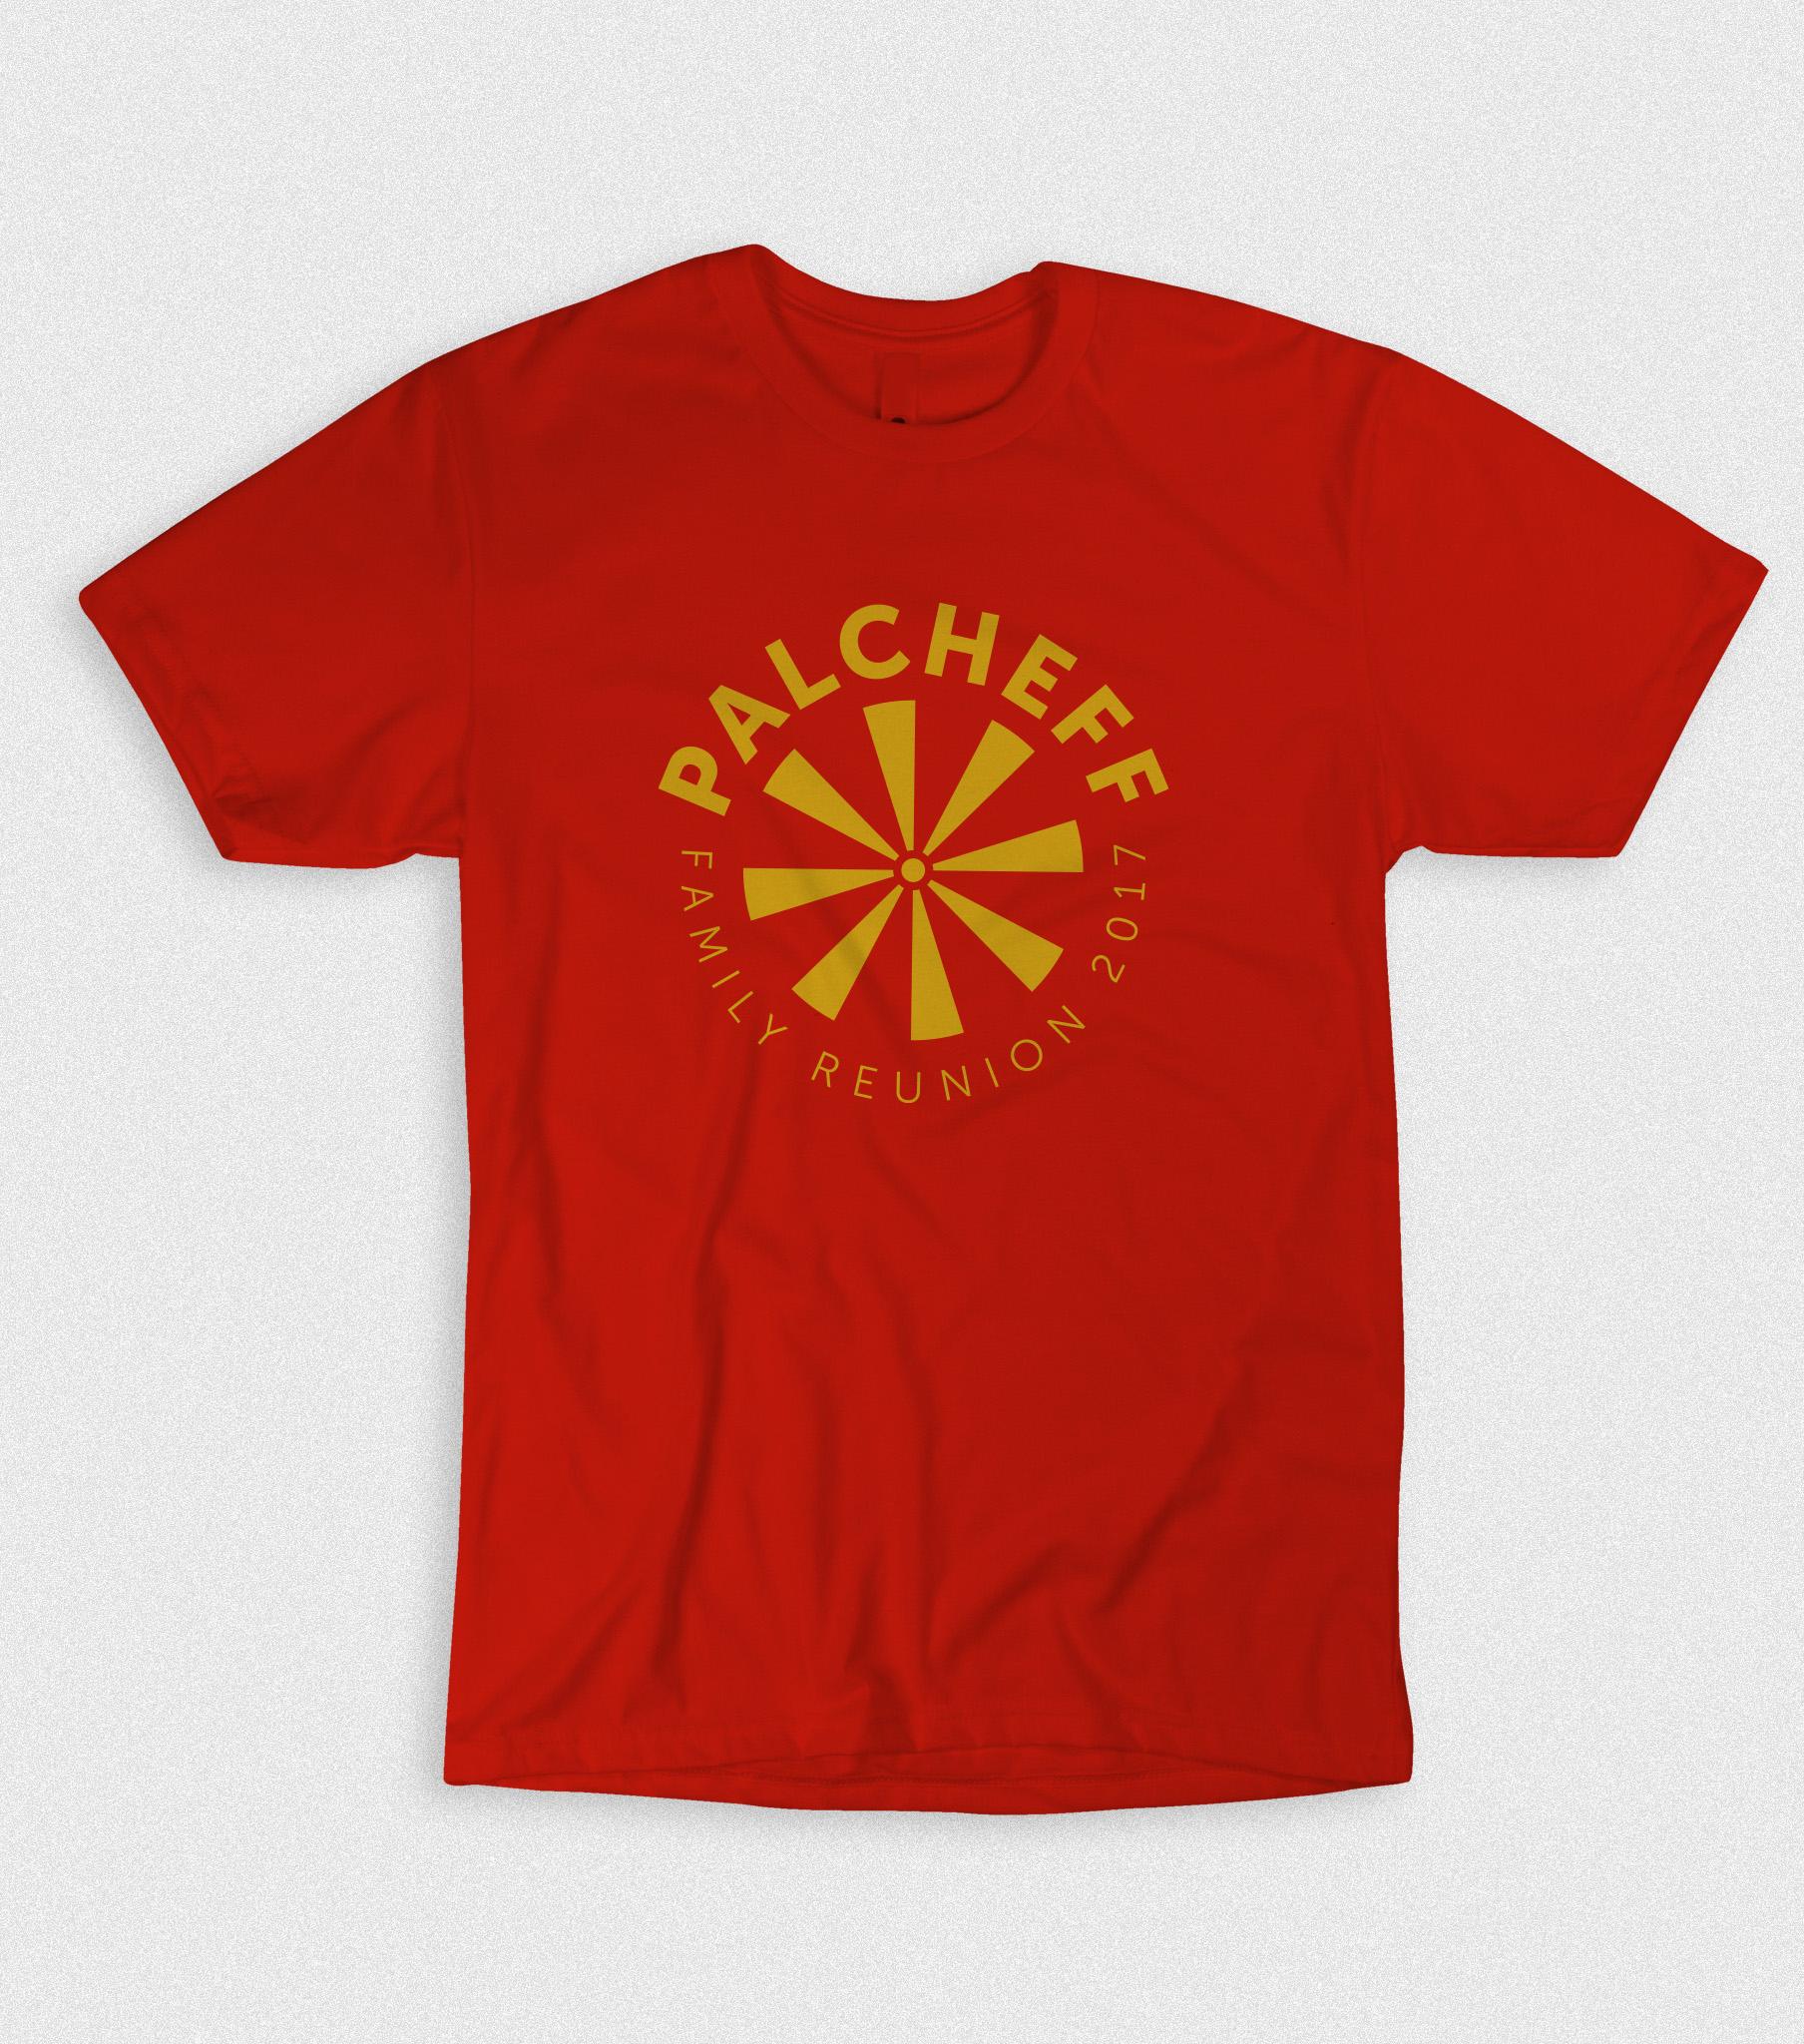 palcheff17-teeshirt.jpg